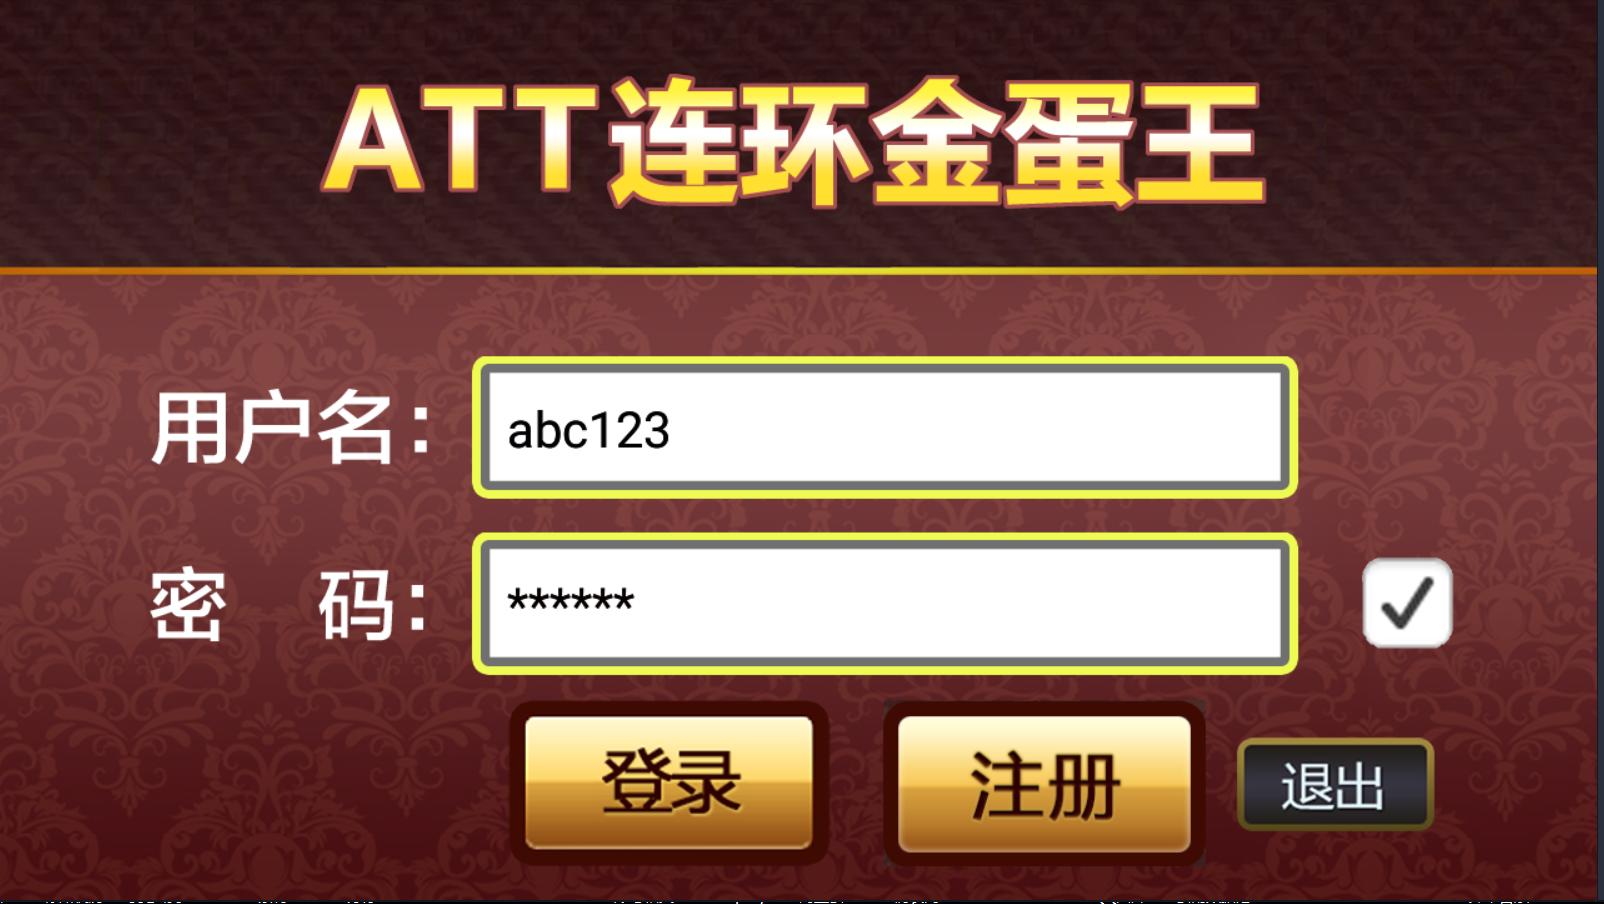 单款ATT翻牌机-JAVA版本运营级插图